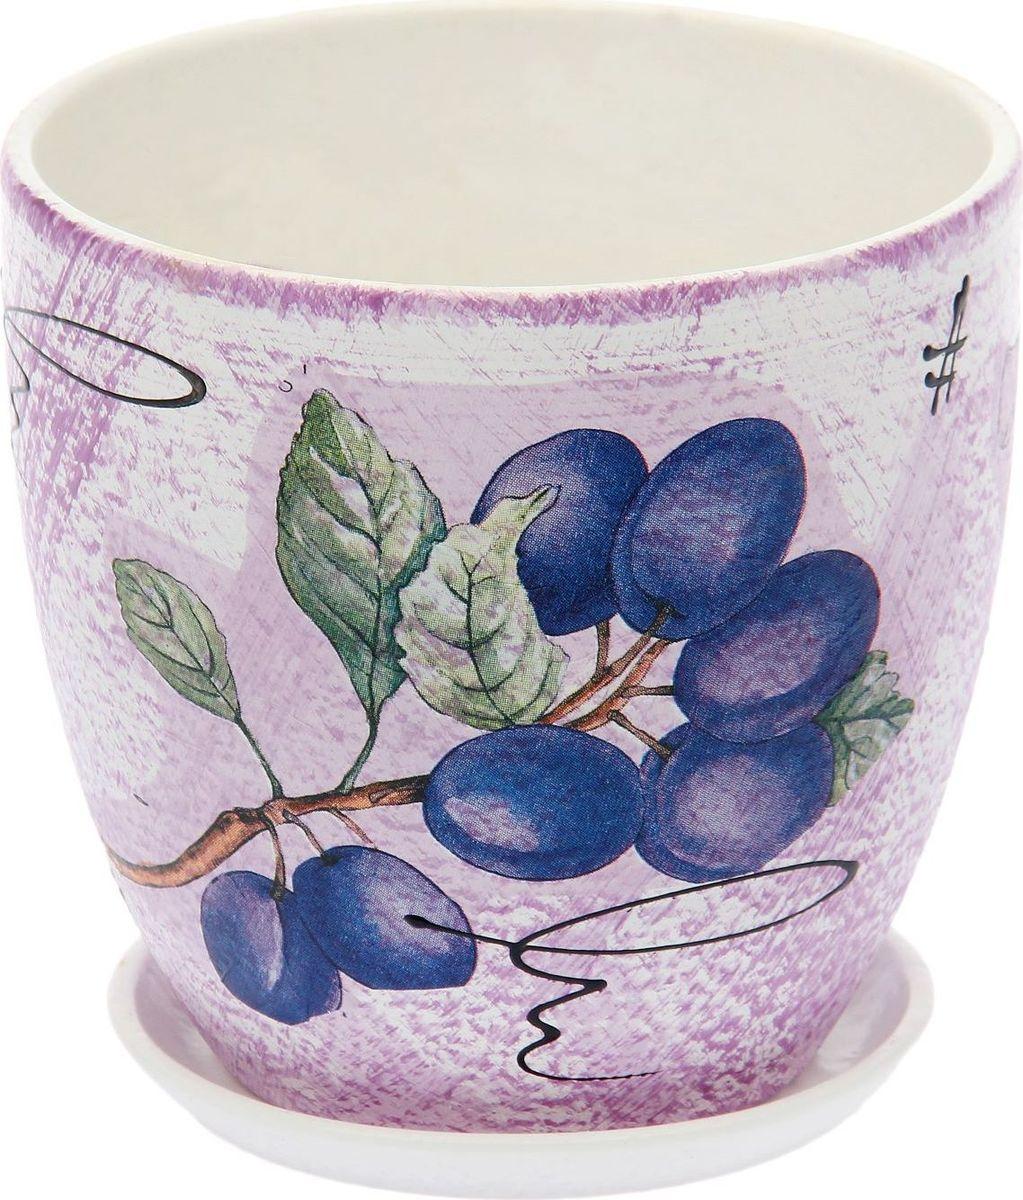 Кашпо Слива, 1,5 л1793189Комнатные растения — всеобщие любимцы. Они радуют глаз, насыщают помещение кислородом и украшают пространство. Каждому из них необходим свой удобный и красивый дом. Кашпо из керамики прекрасно подходят для высадки растений: за счет пластичности глины и разных способов обработки существует великое множество форм и дизайнов пористый материал позволяет испаряться лишней влаге воздух, необходимый для дыхания корней, проникает сквозь керамические стенки! позаботится о зеленом питомце, освежит интерьер и подчеркнет его стиль.